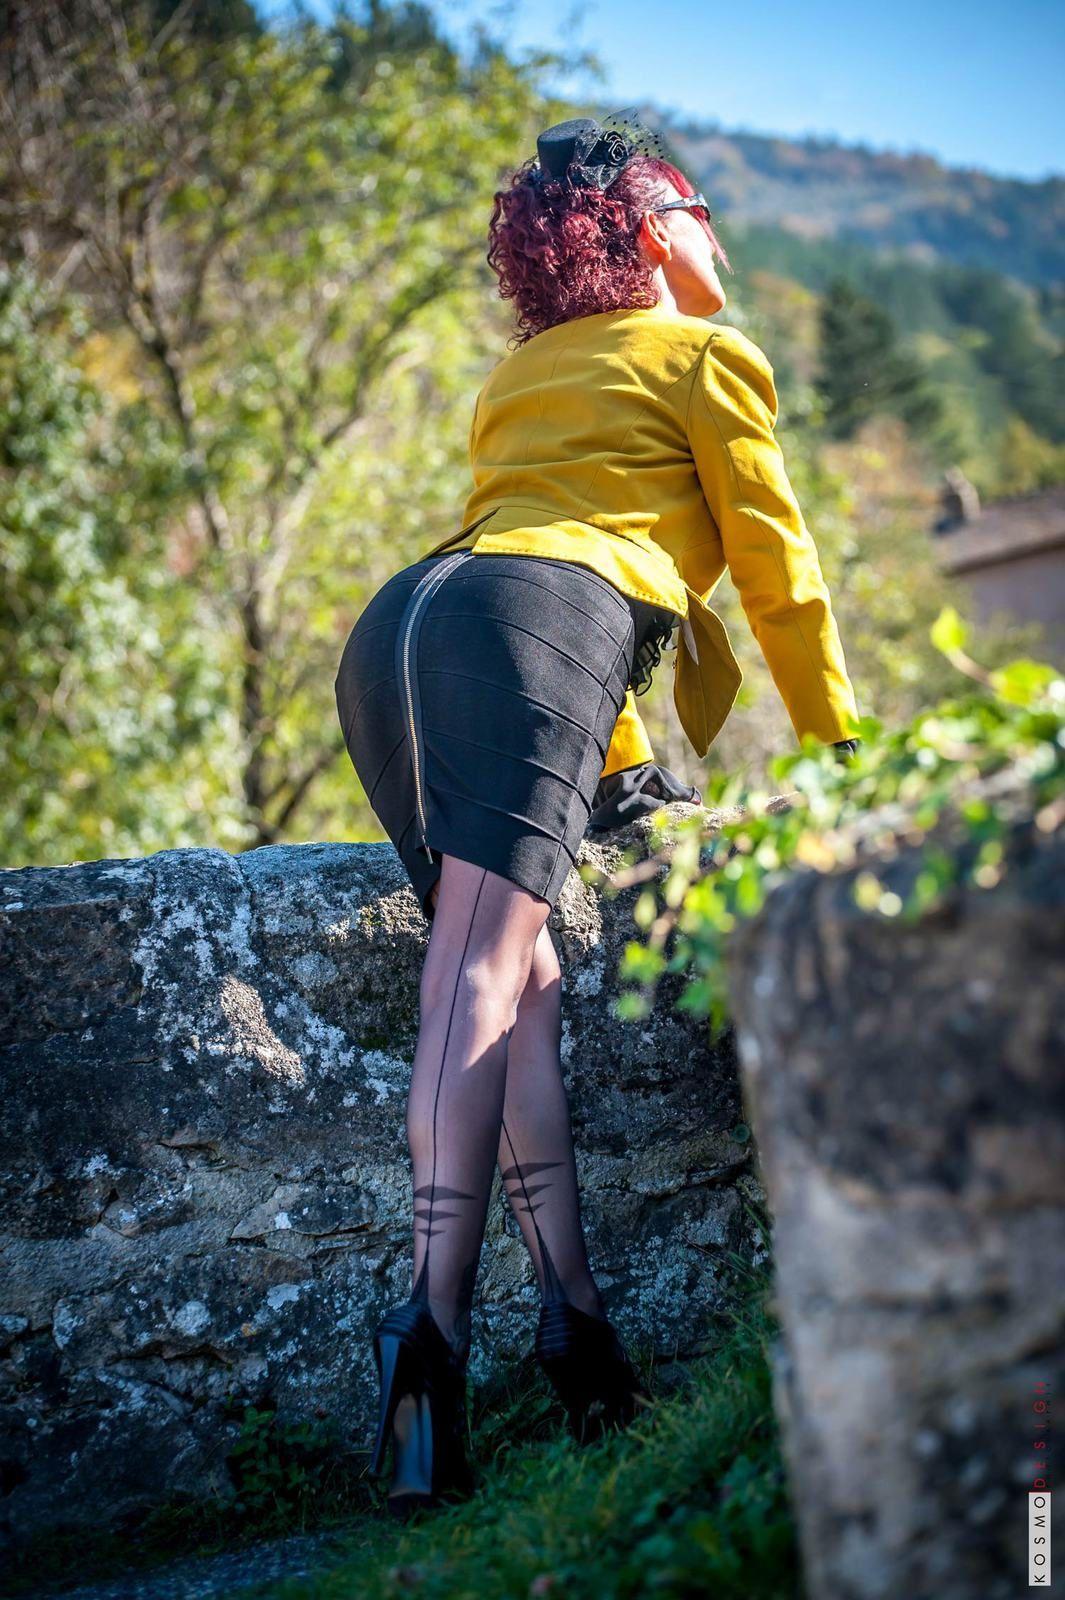 Bas couture &amp&#x3B; talons hauts sur les routes des Cévennes